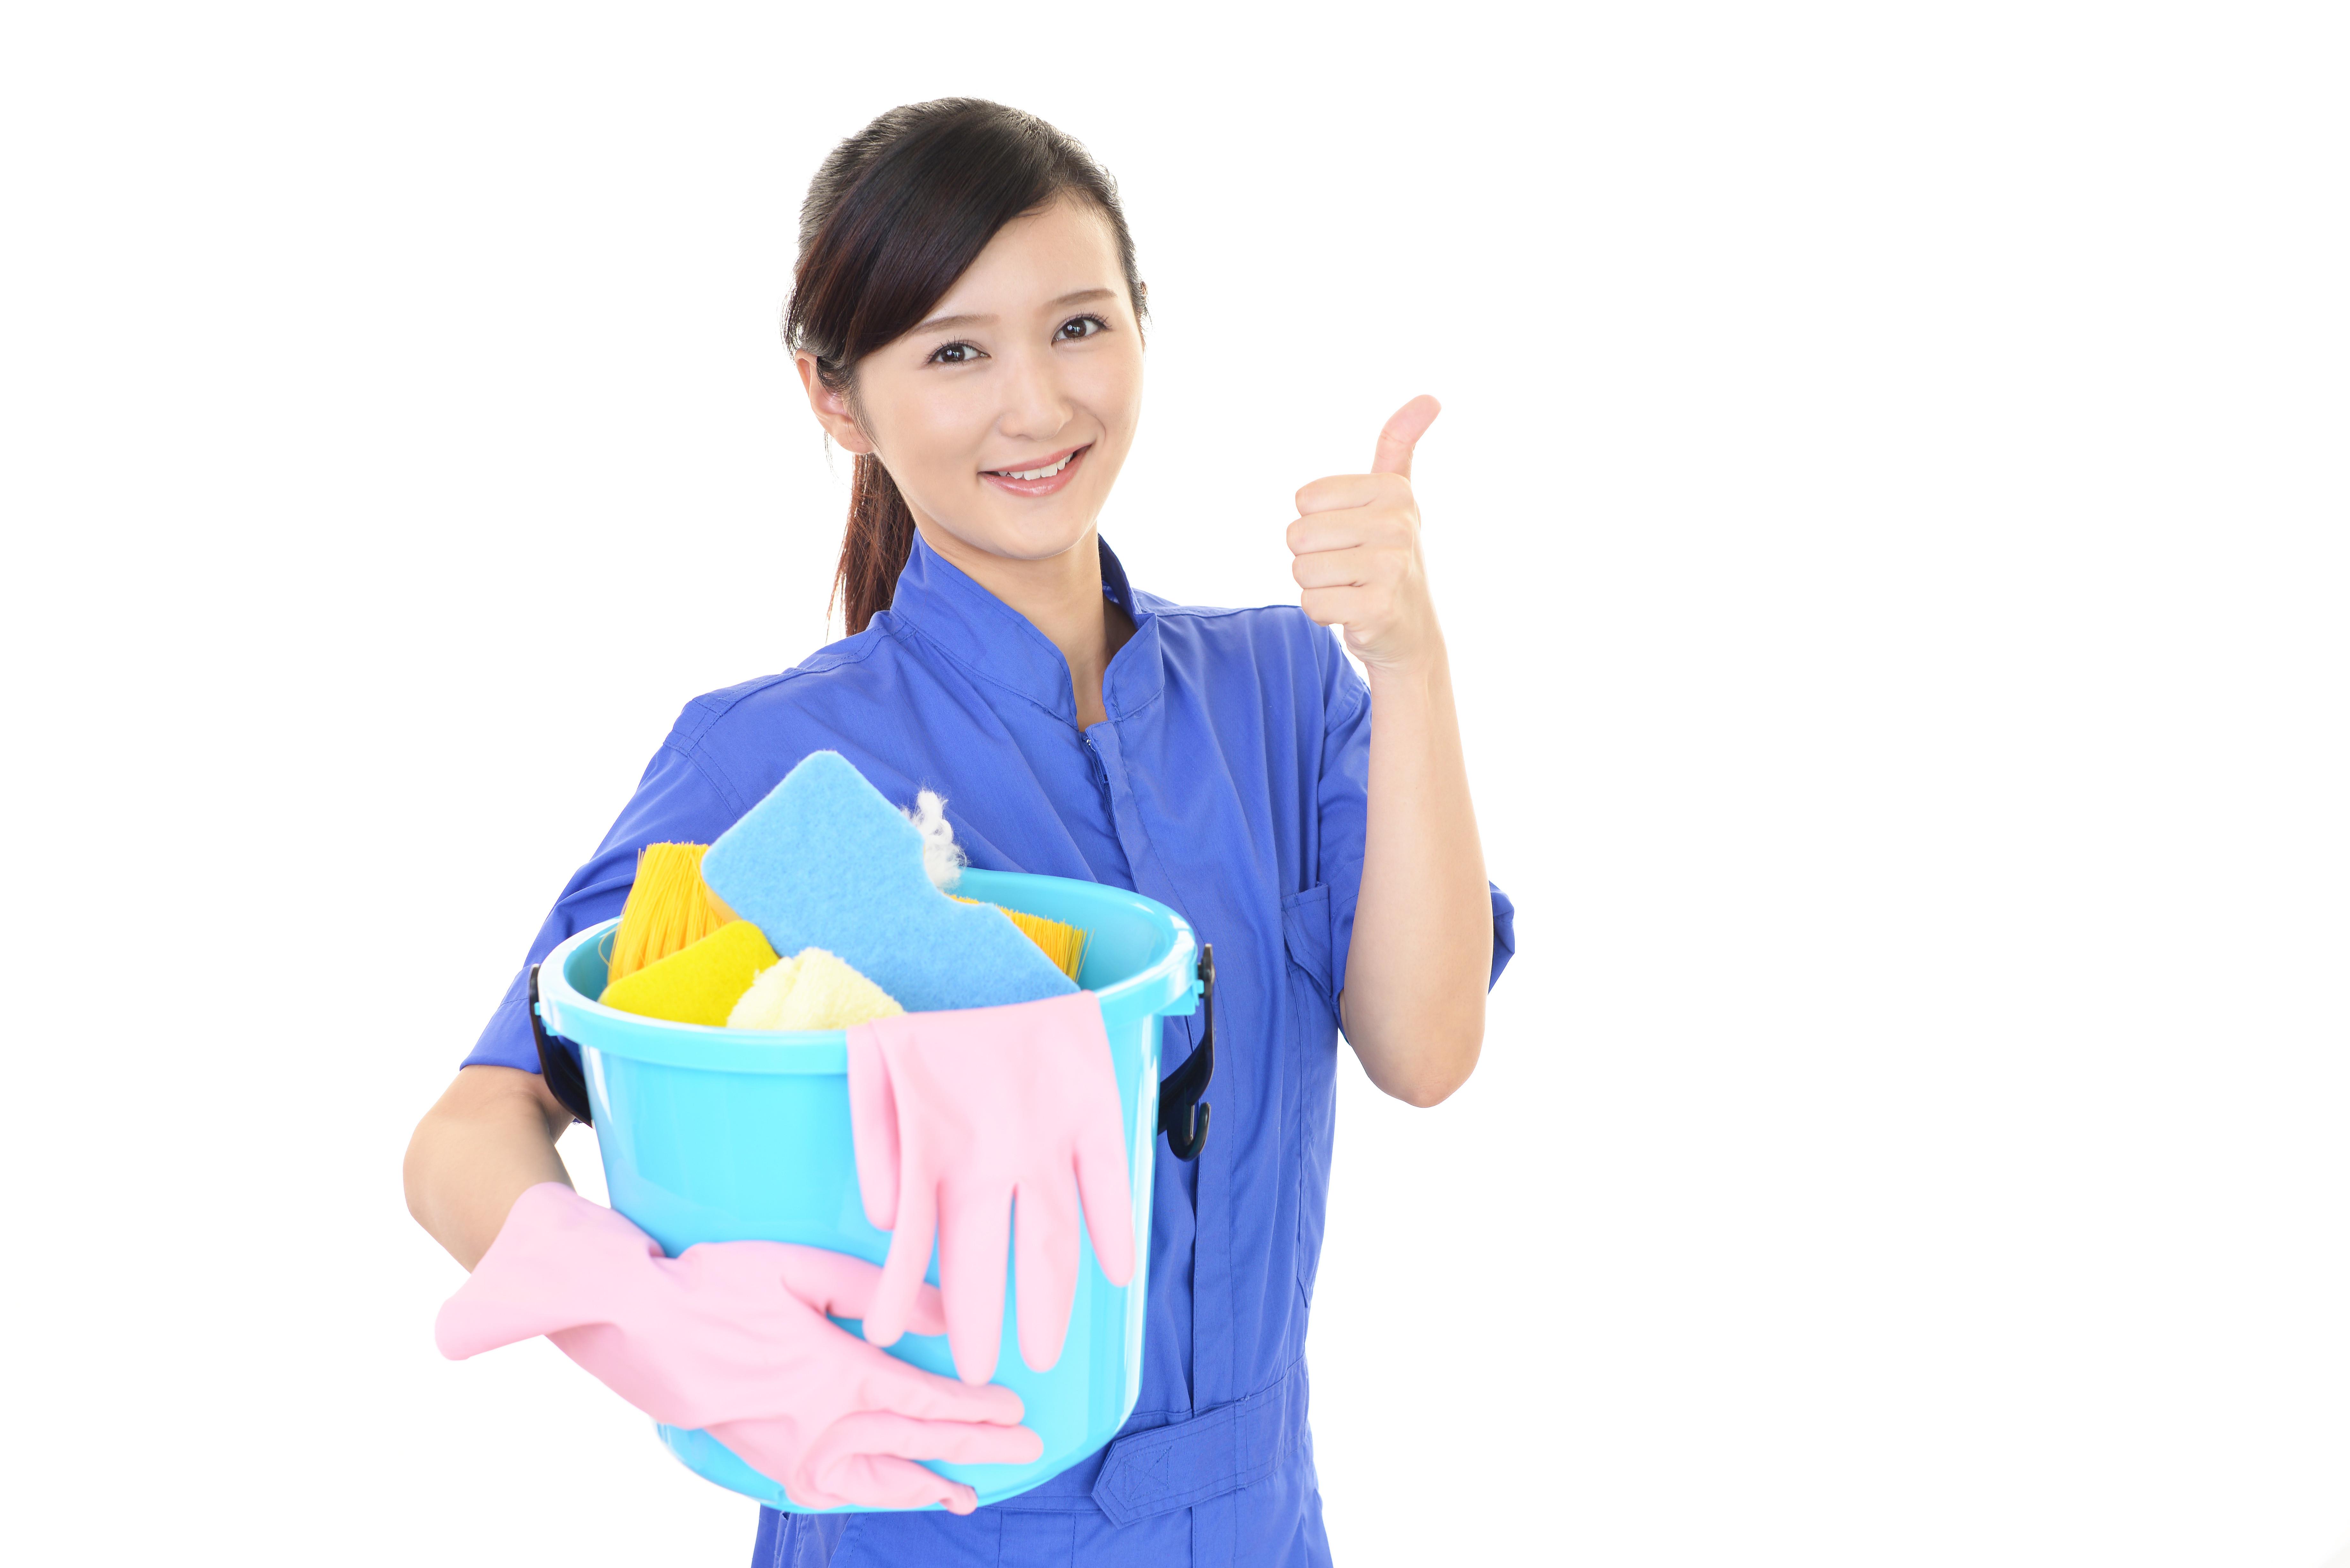 清掃スタッフ 大阪市港区エリア 共同産業株式会社 のアルバイト情報